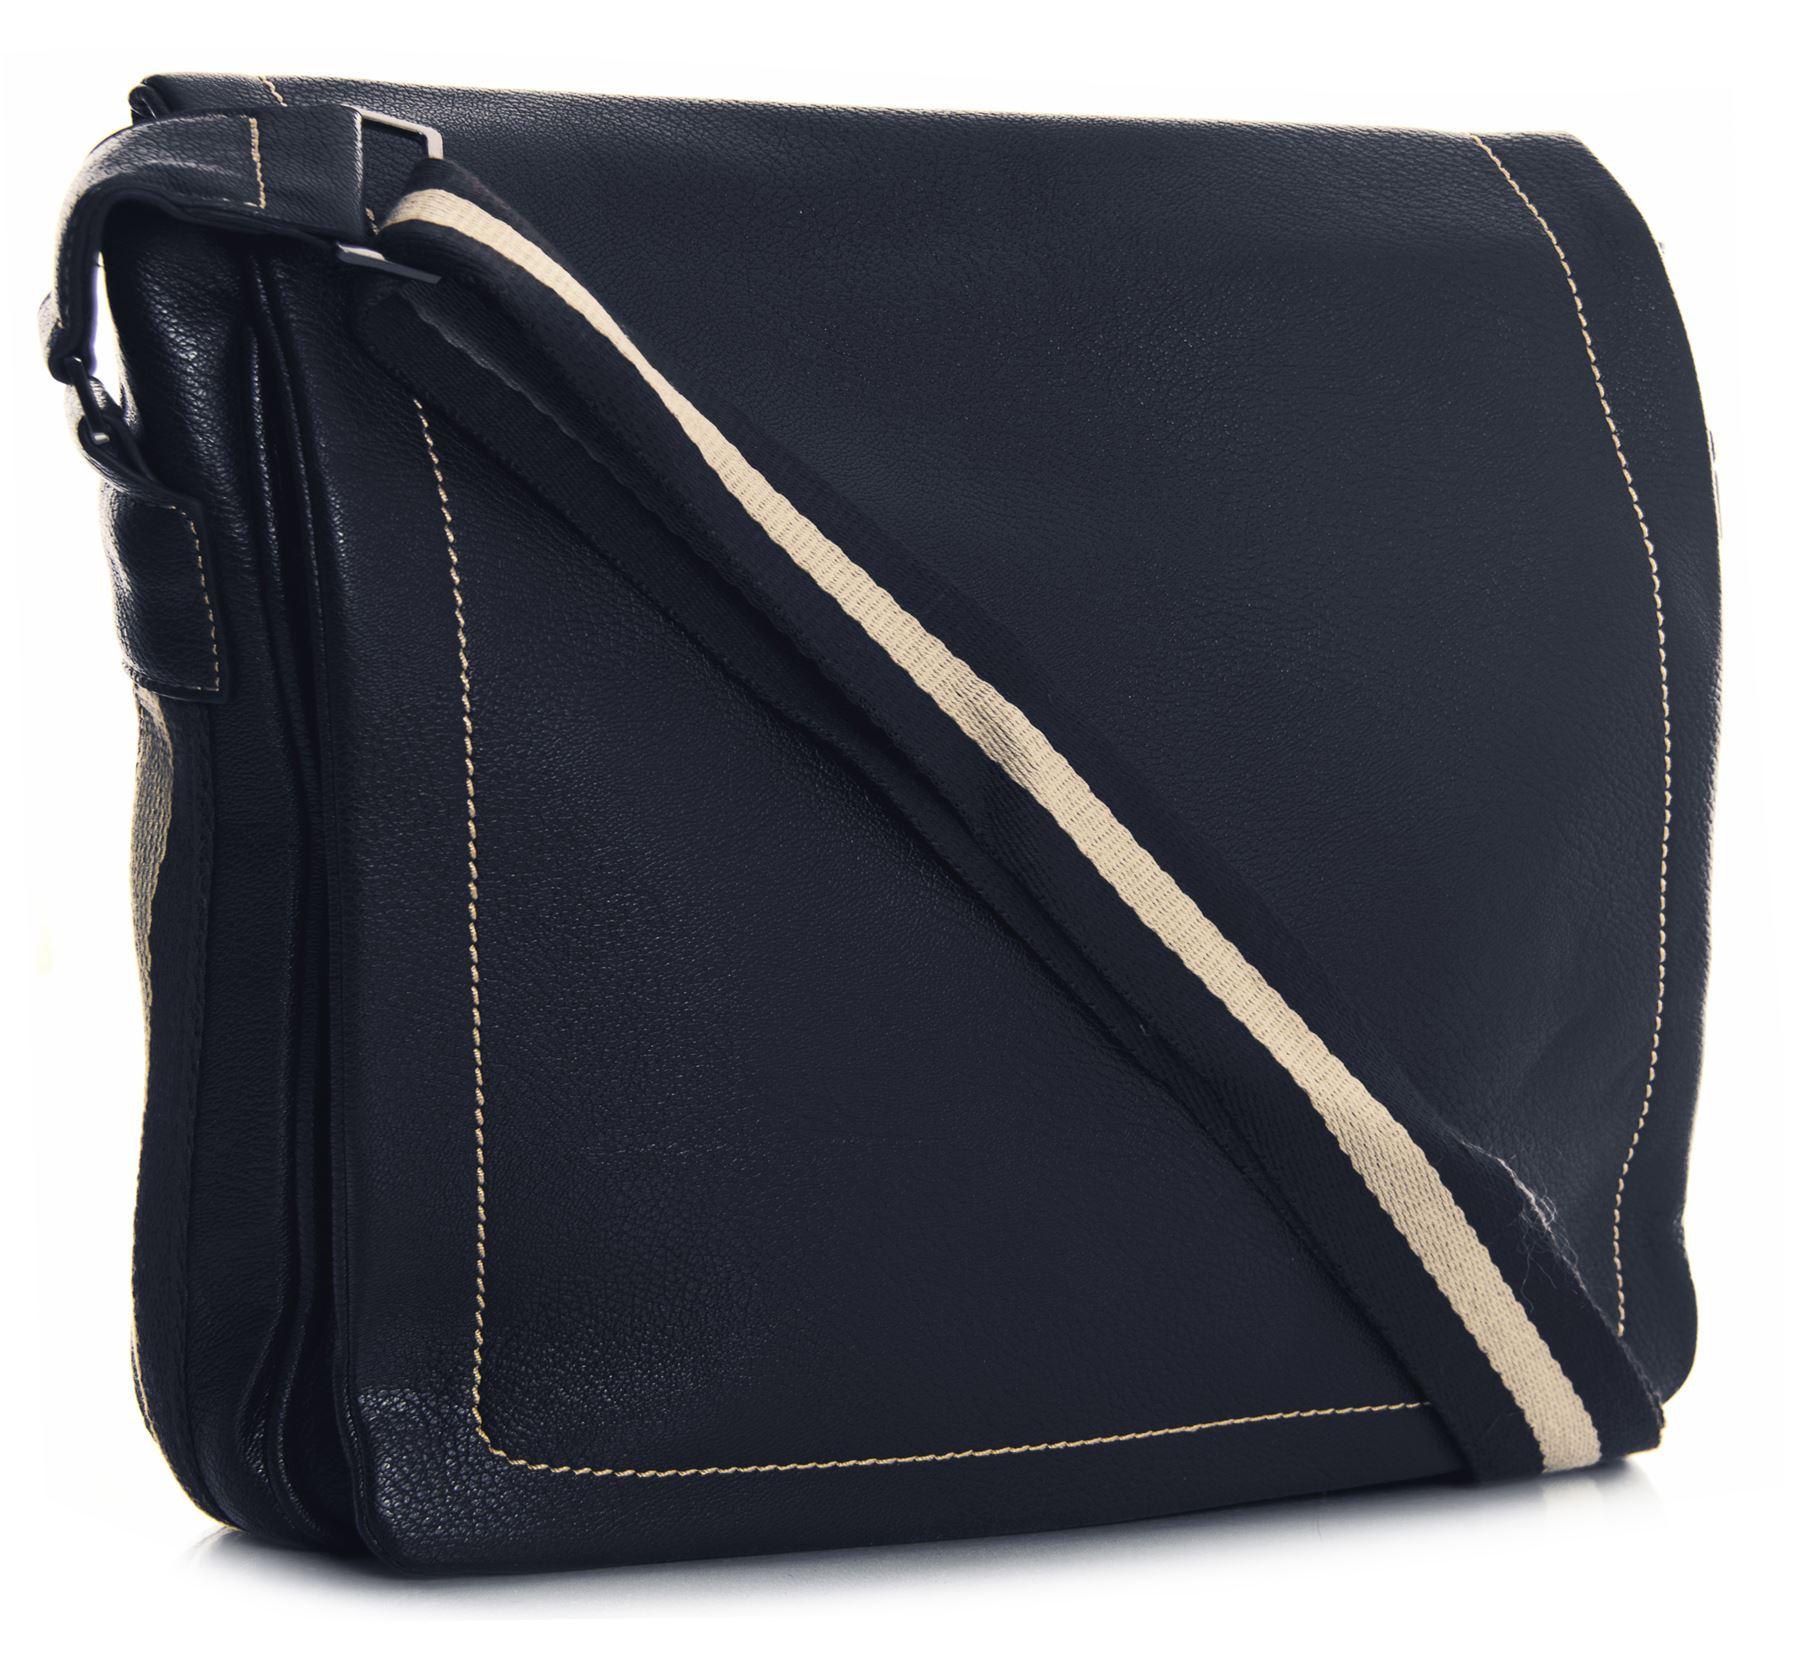 Big Handbag Shop Unisex Kunstleder mehrere Taschen Schulter kurir Tasche - groß